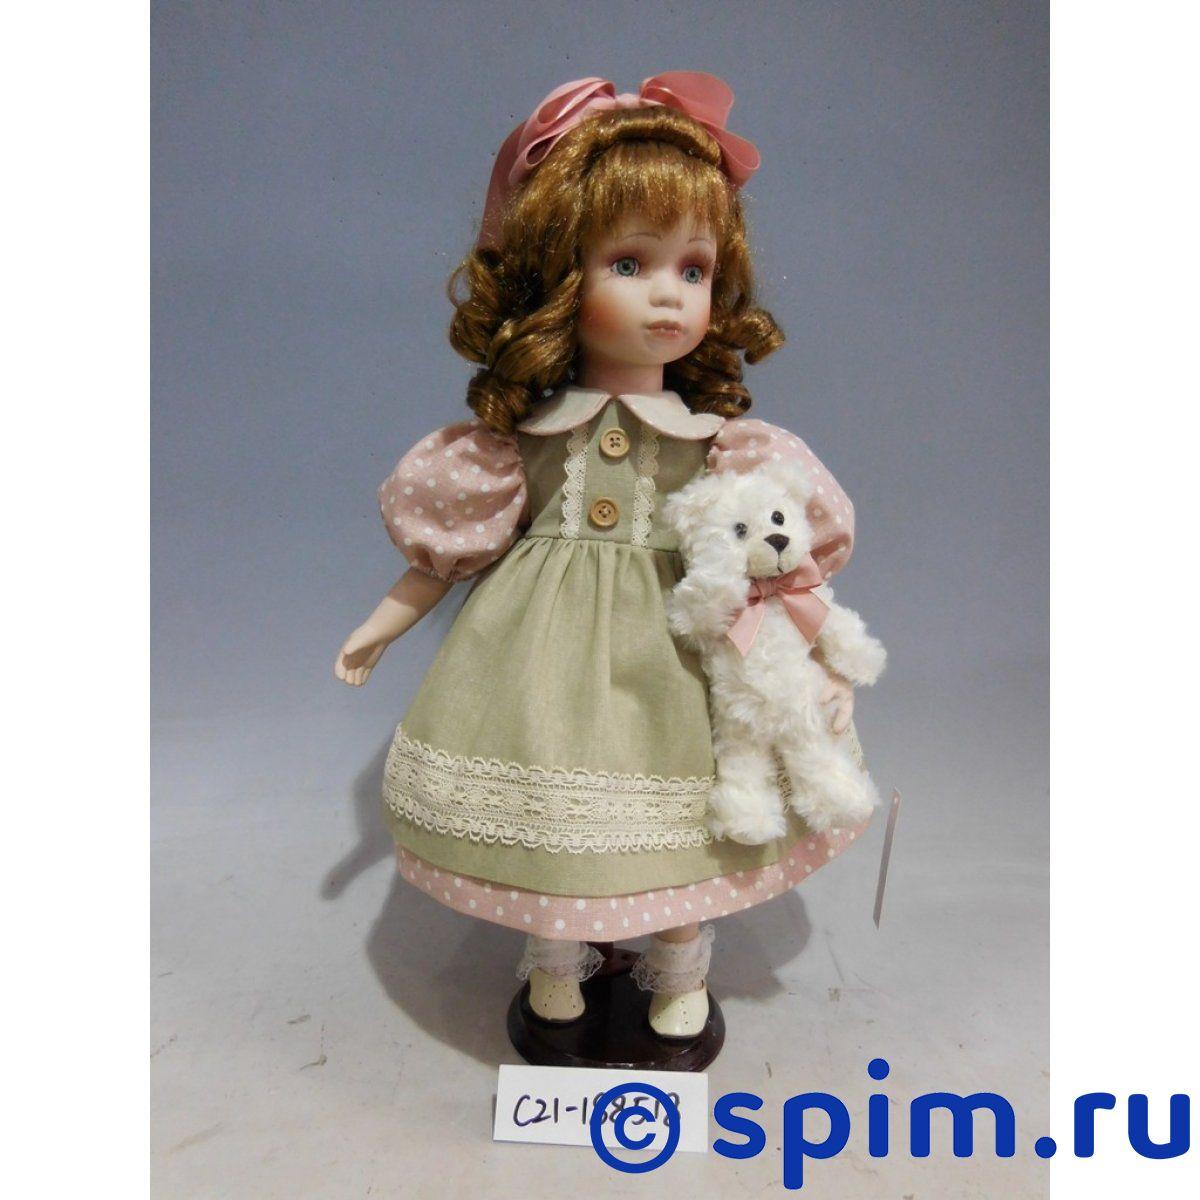 Интерьерная кукла Девочка в платье C21-188518 кроссовки onitsuka tiger кроссовки mexico 66 knit